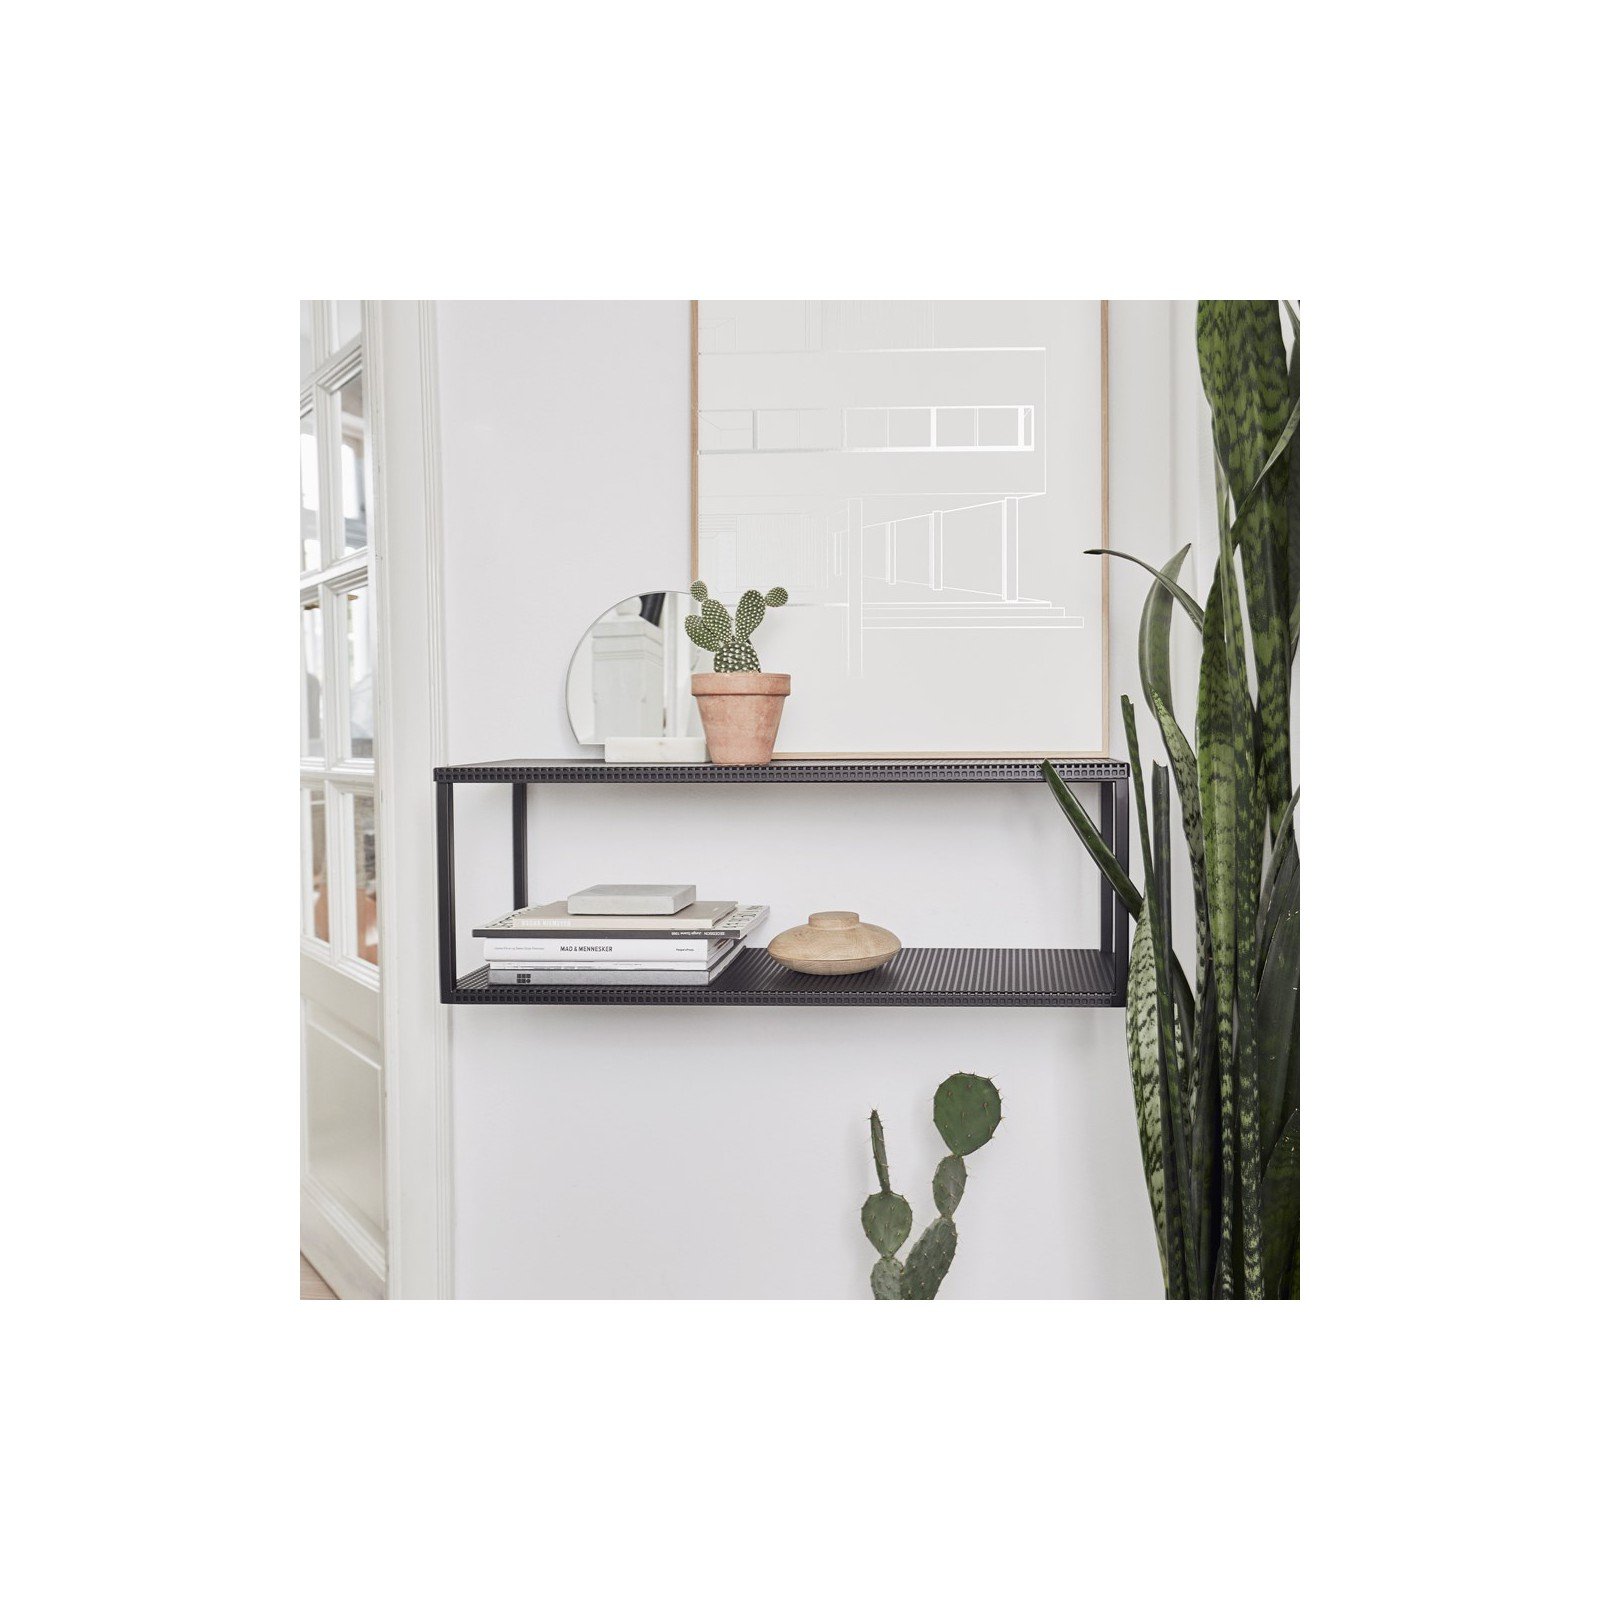 etag re scandinave arne concept. Black Bedroom Furniture Sets. Home Design Ideas